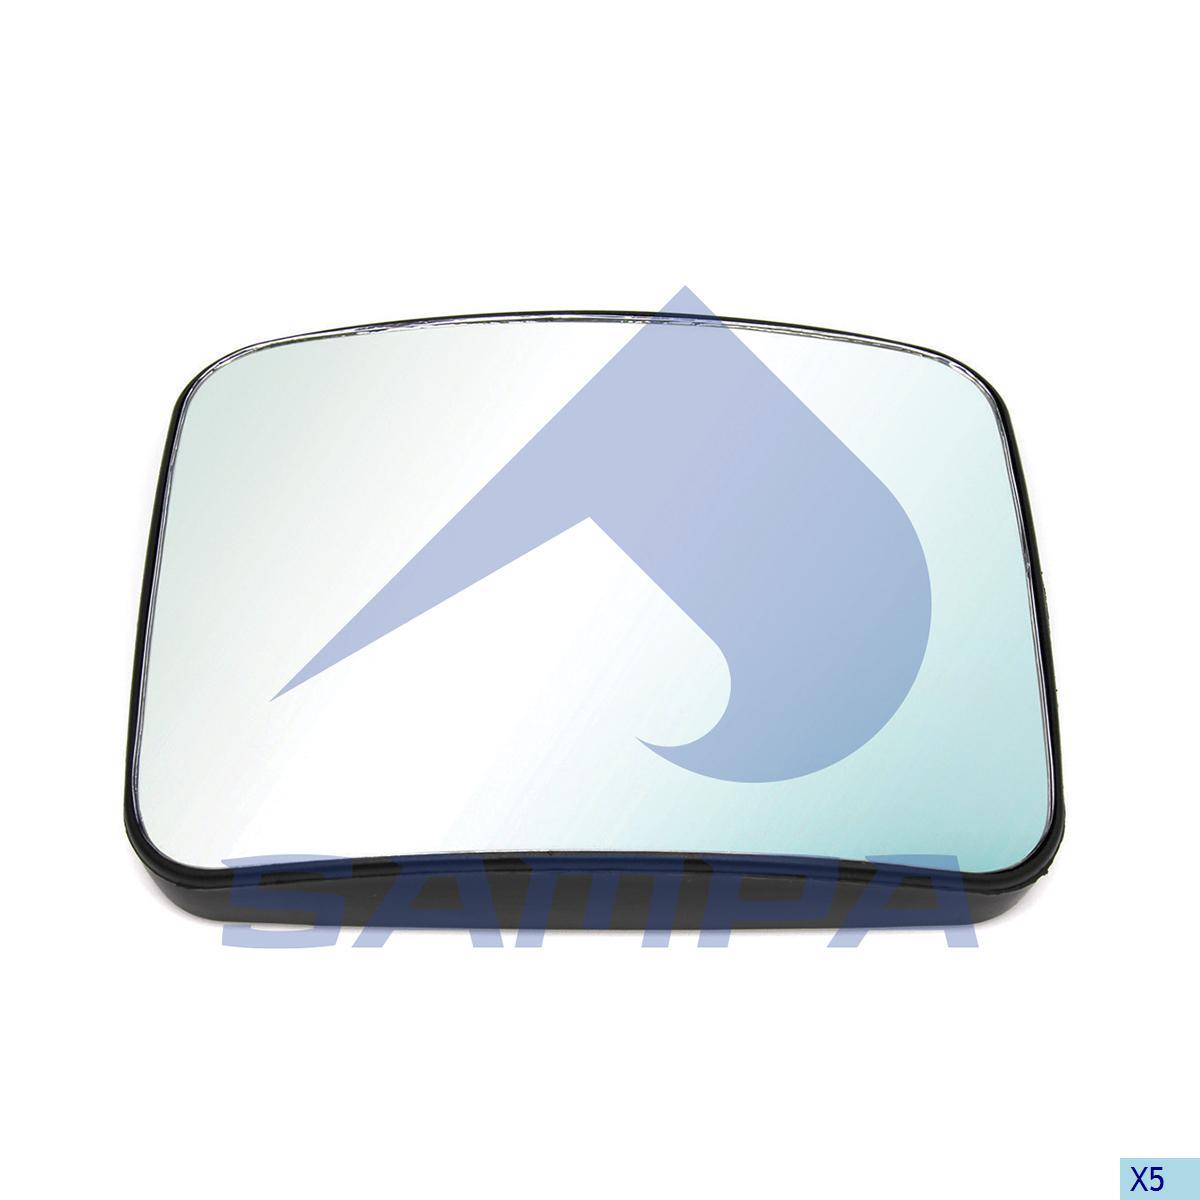 Mirror Glass, Daf, Cab